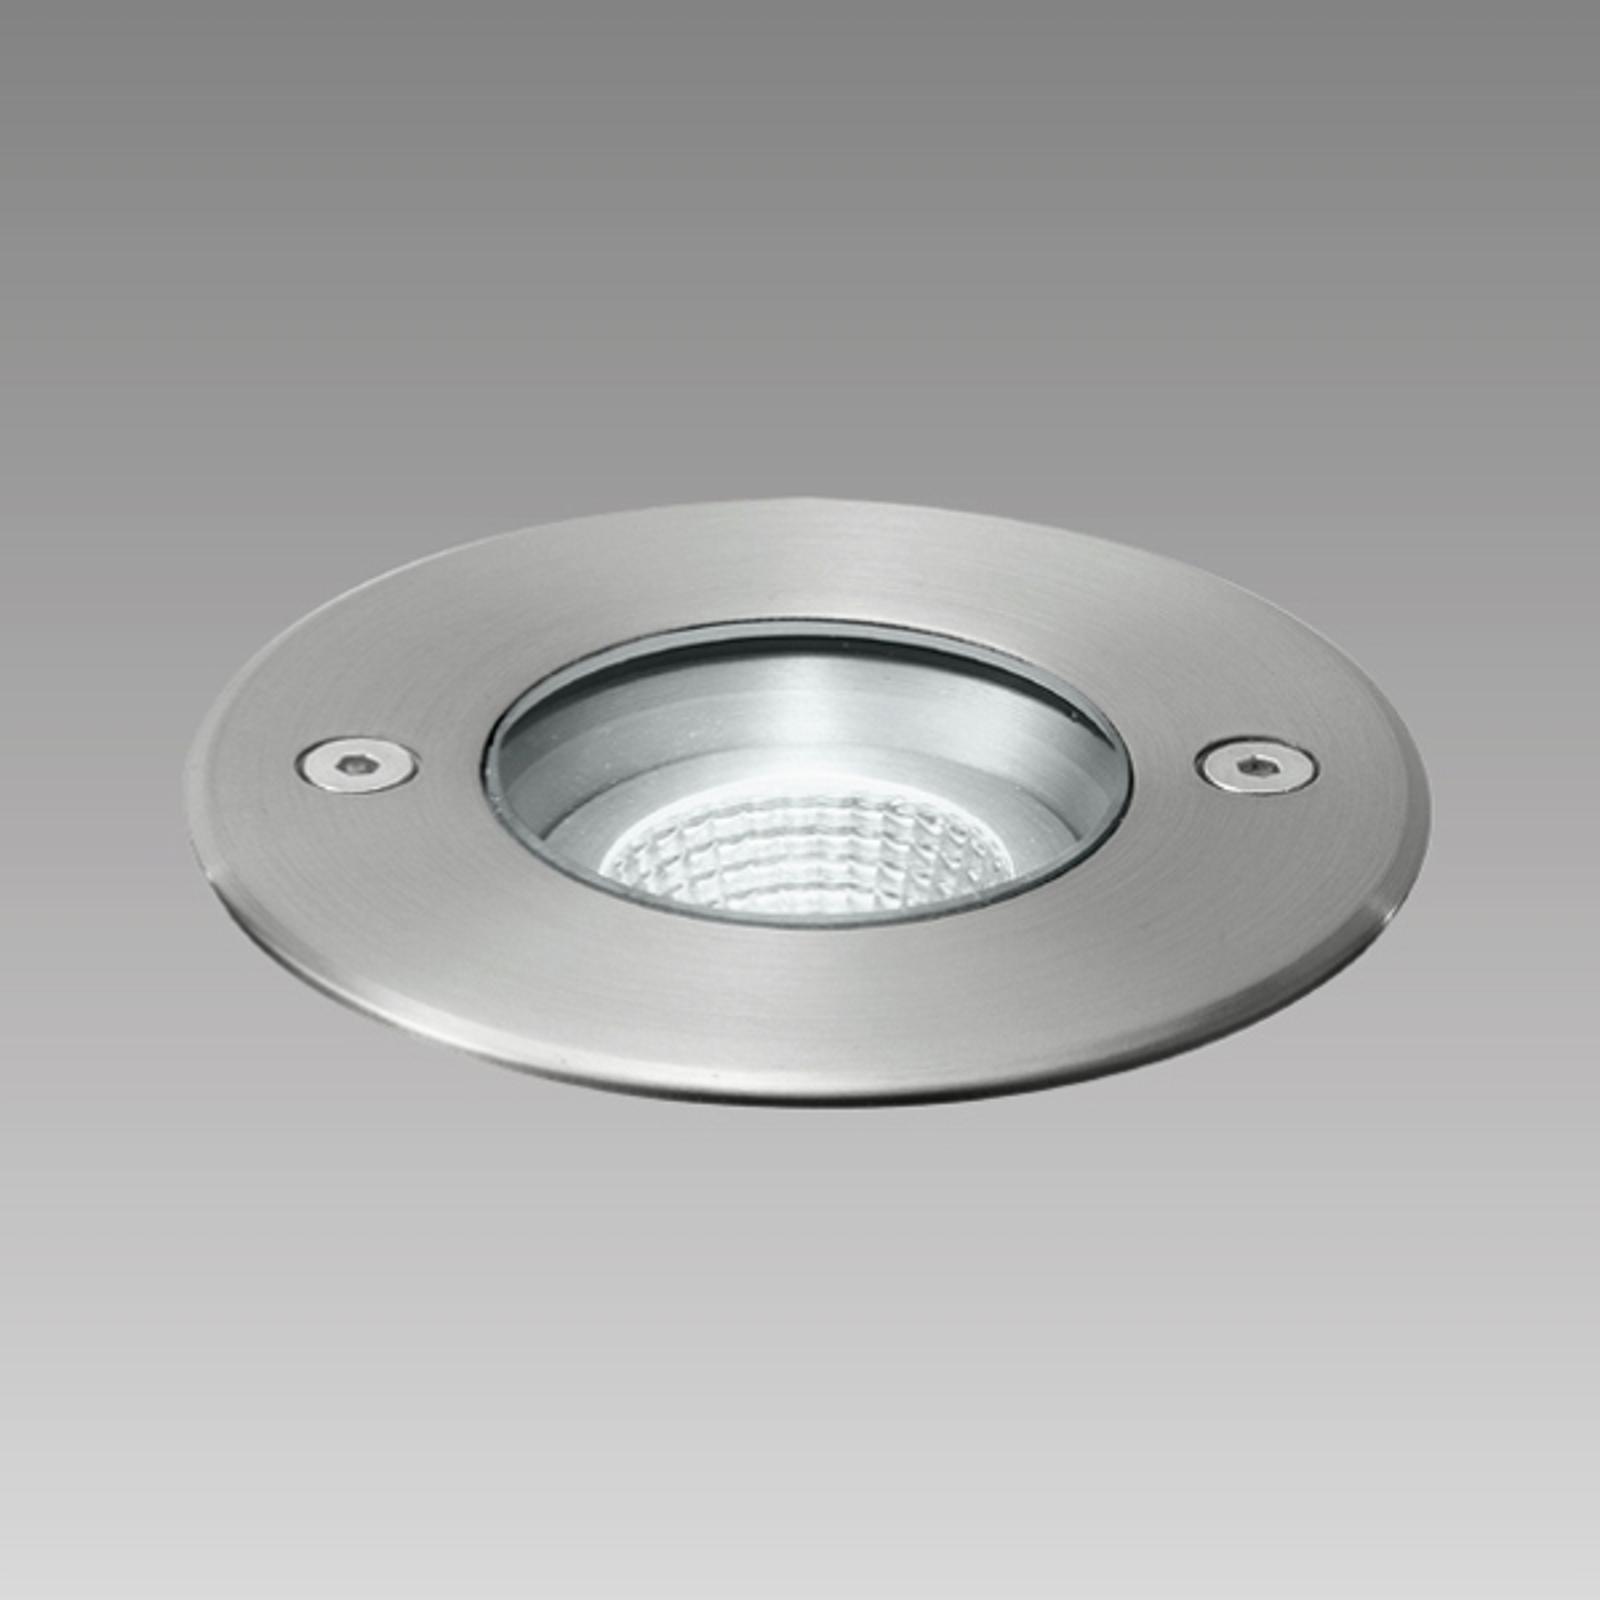 Nerez vestavěný reflektor LED Frisco, IP67